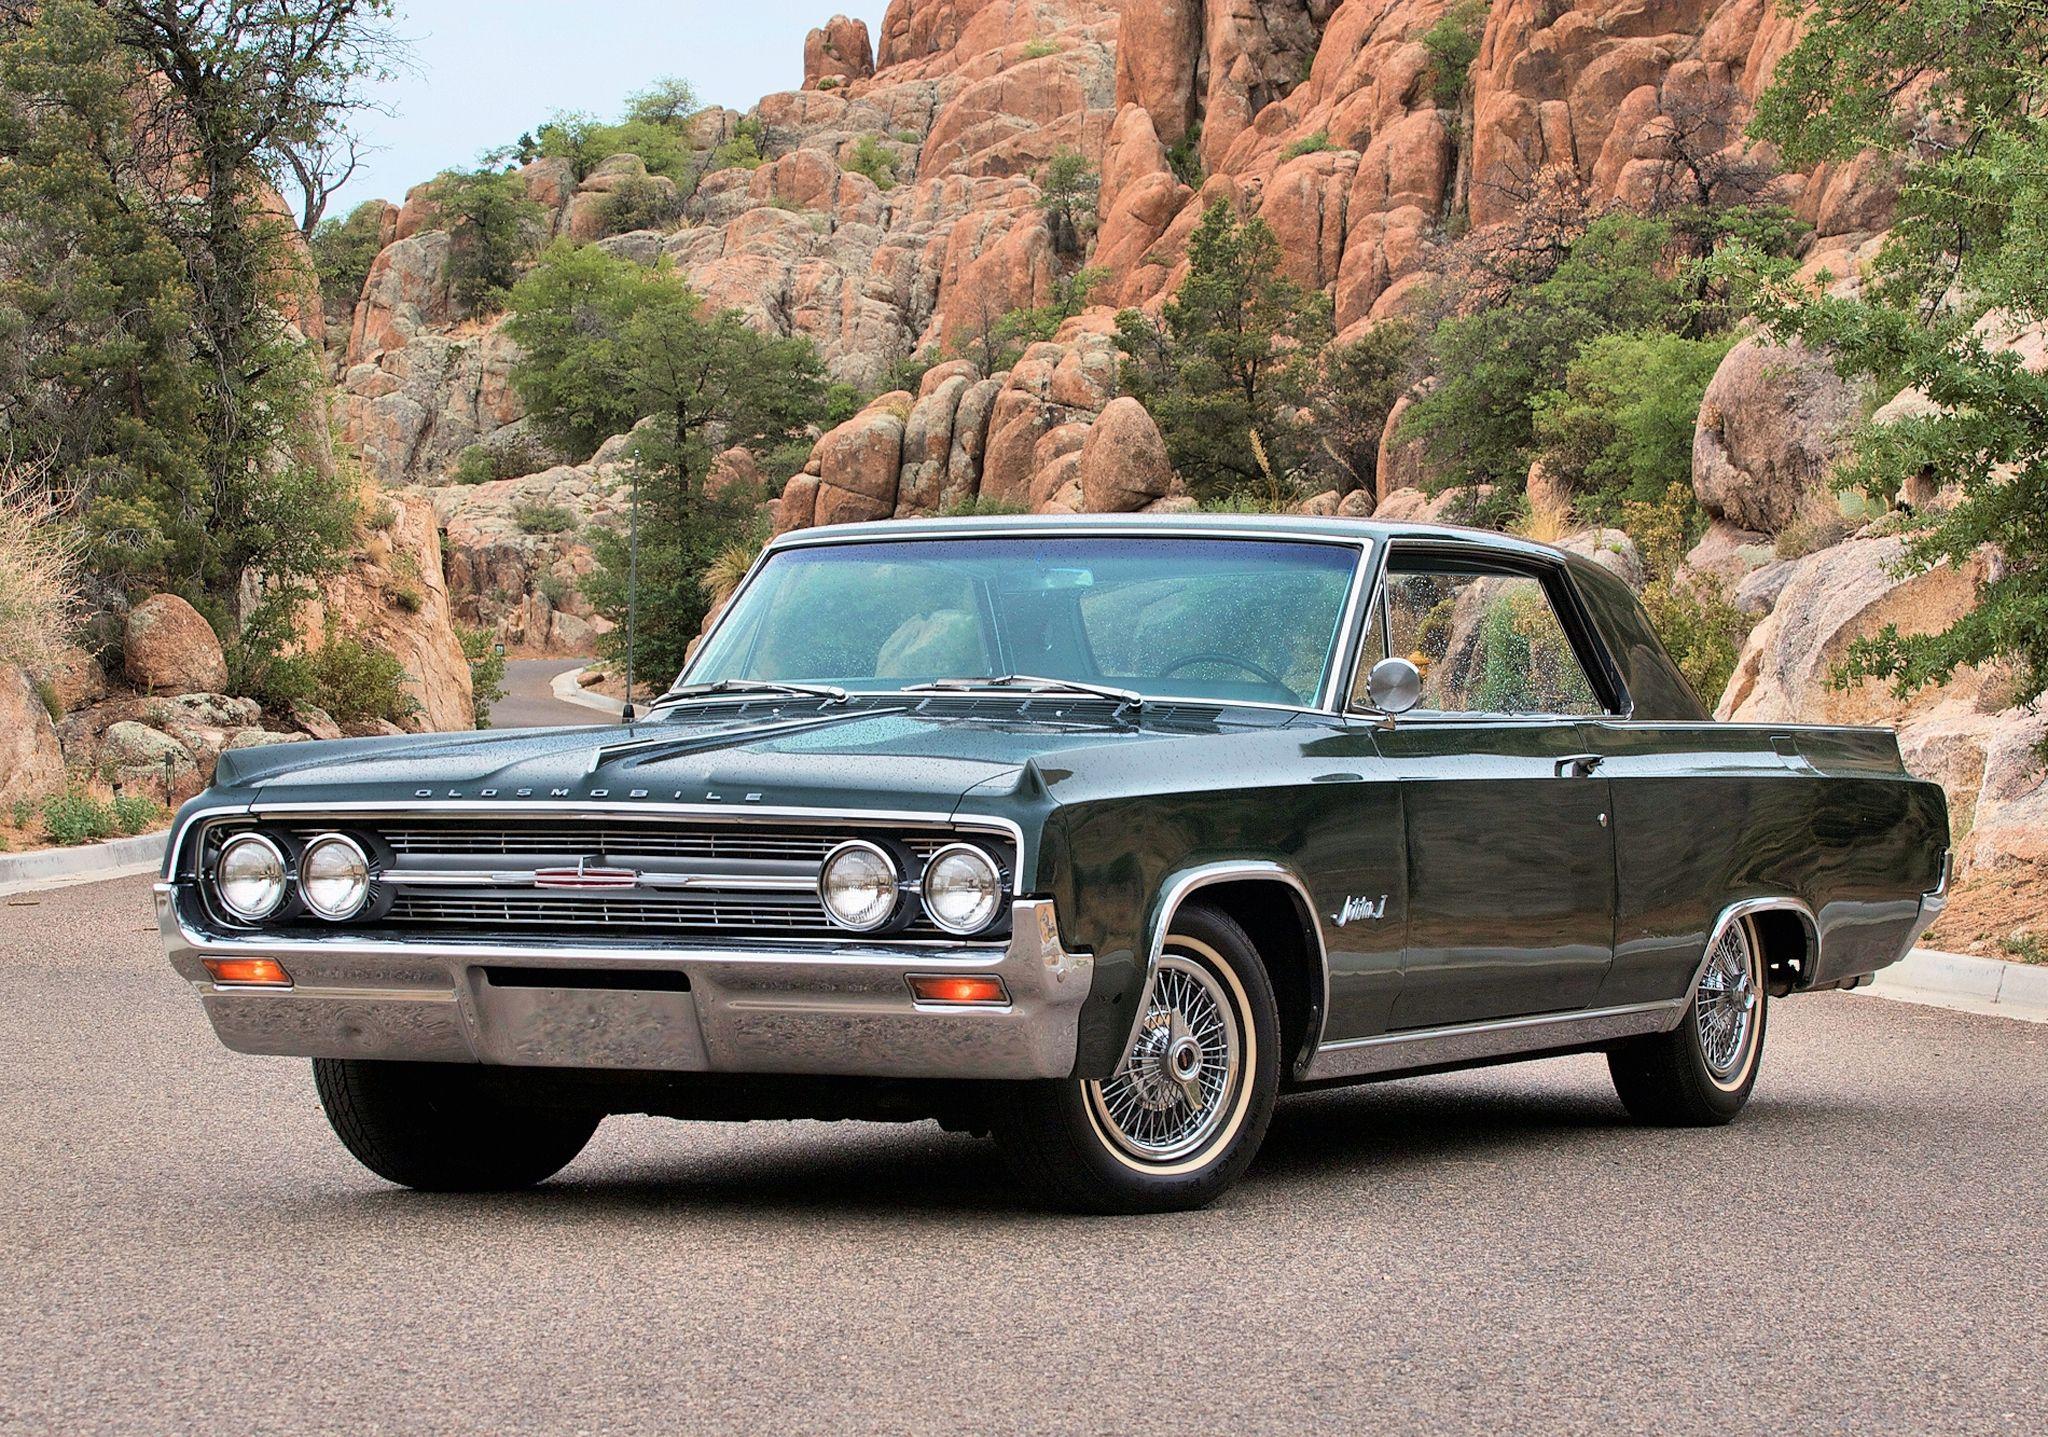 1964 Oldsmobile Jetstar I Sports Coupe Oldsmobile Classic Cars